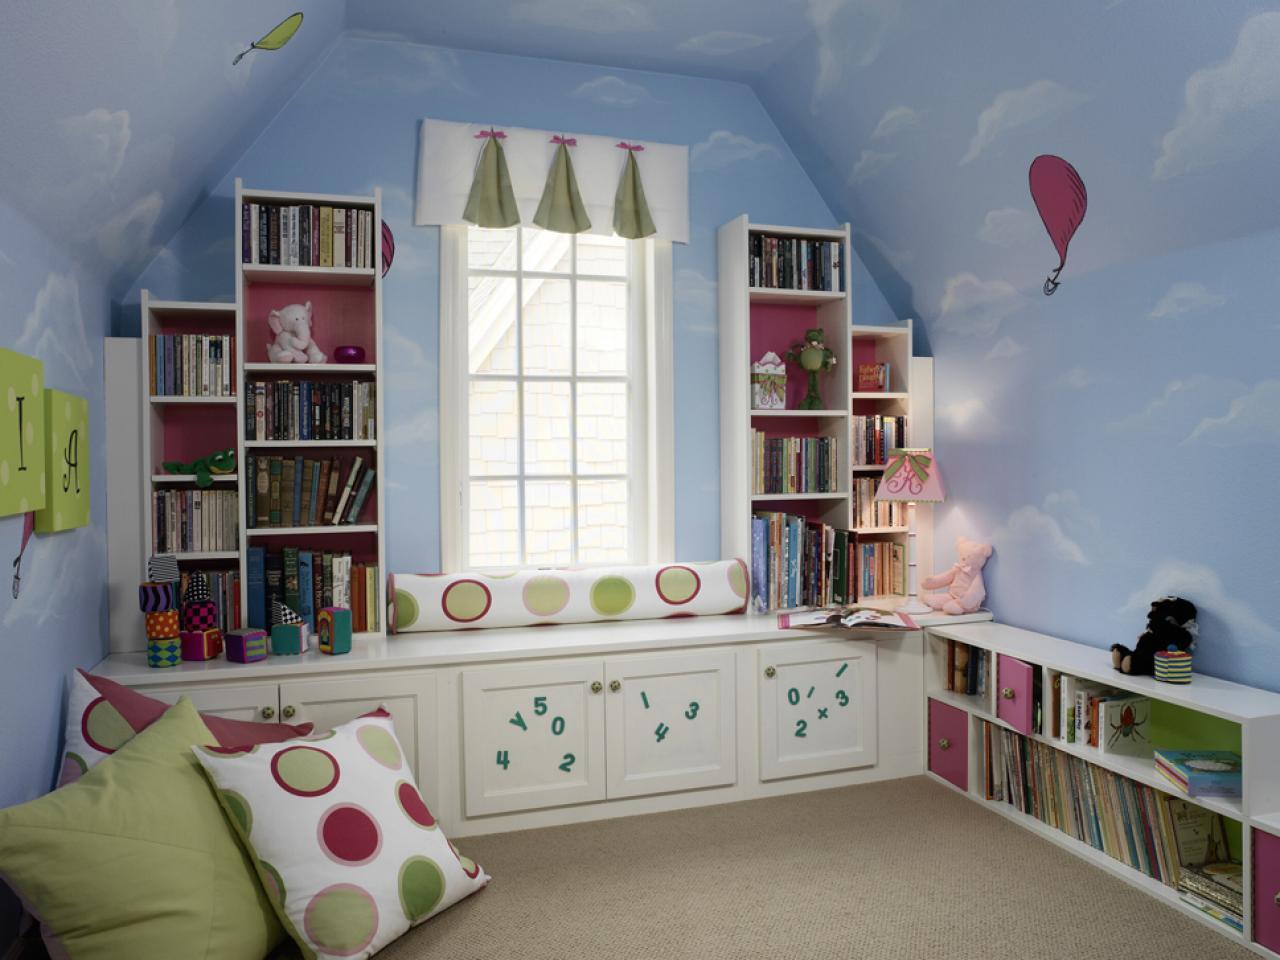 Детская на мансарде с облаками на потолке